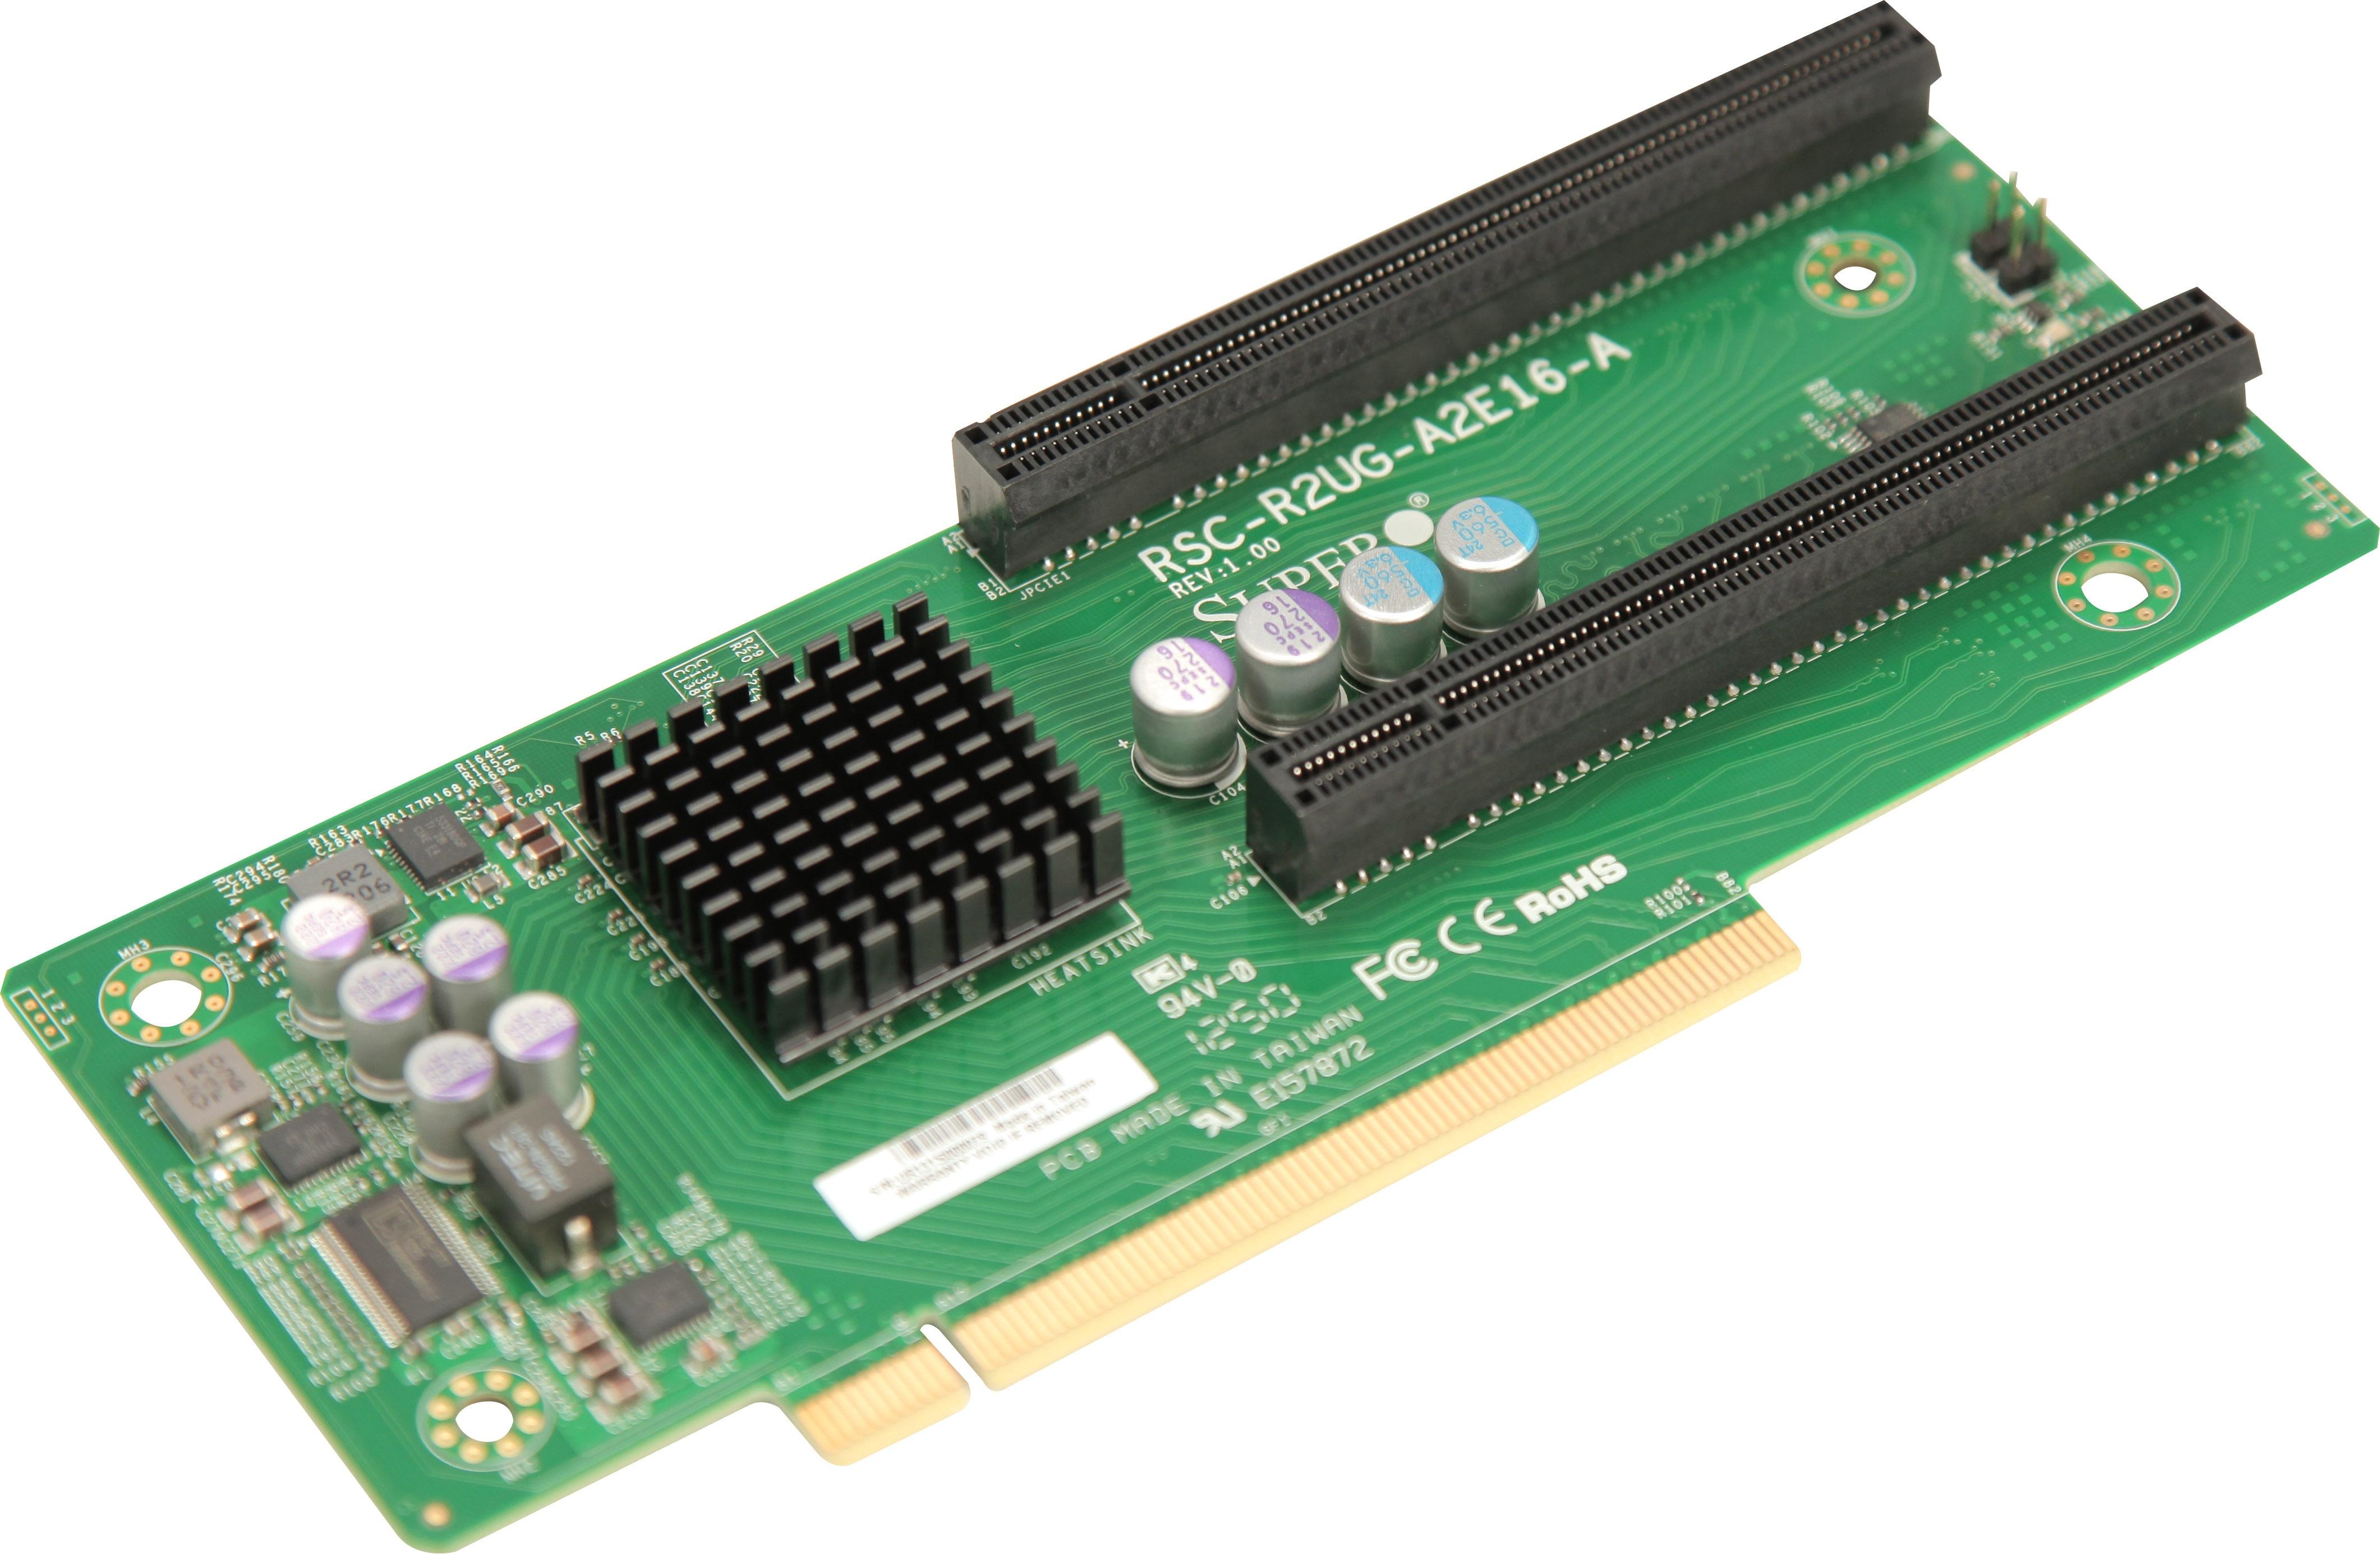 Zdjecie - RSC-R2UG-A2E16-A - Supermicro